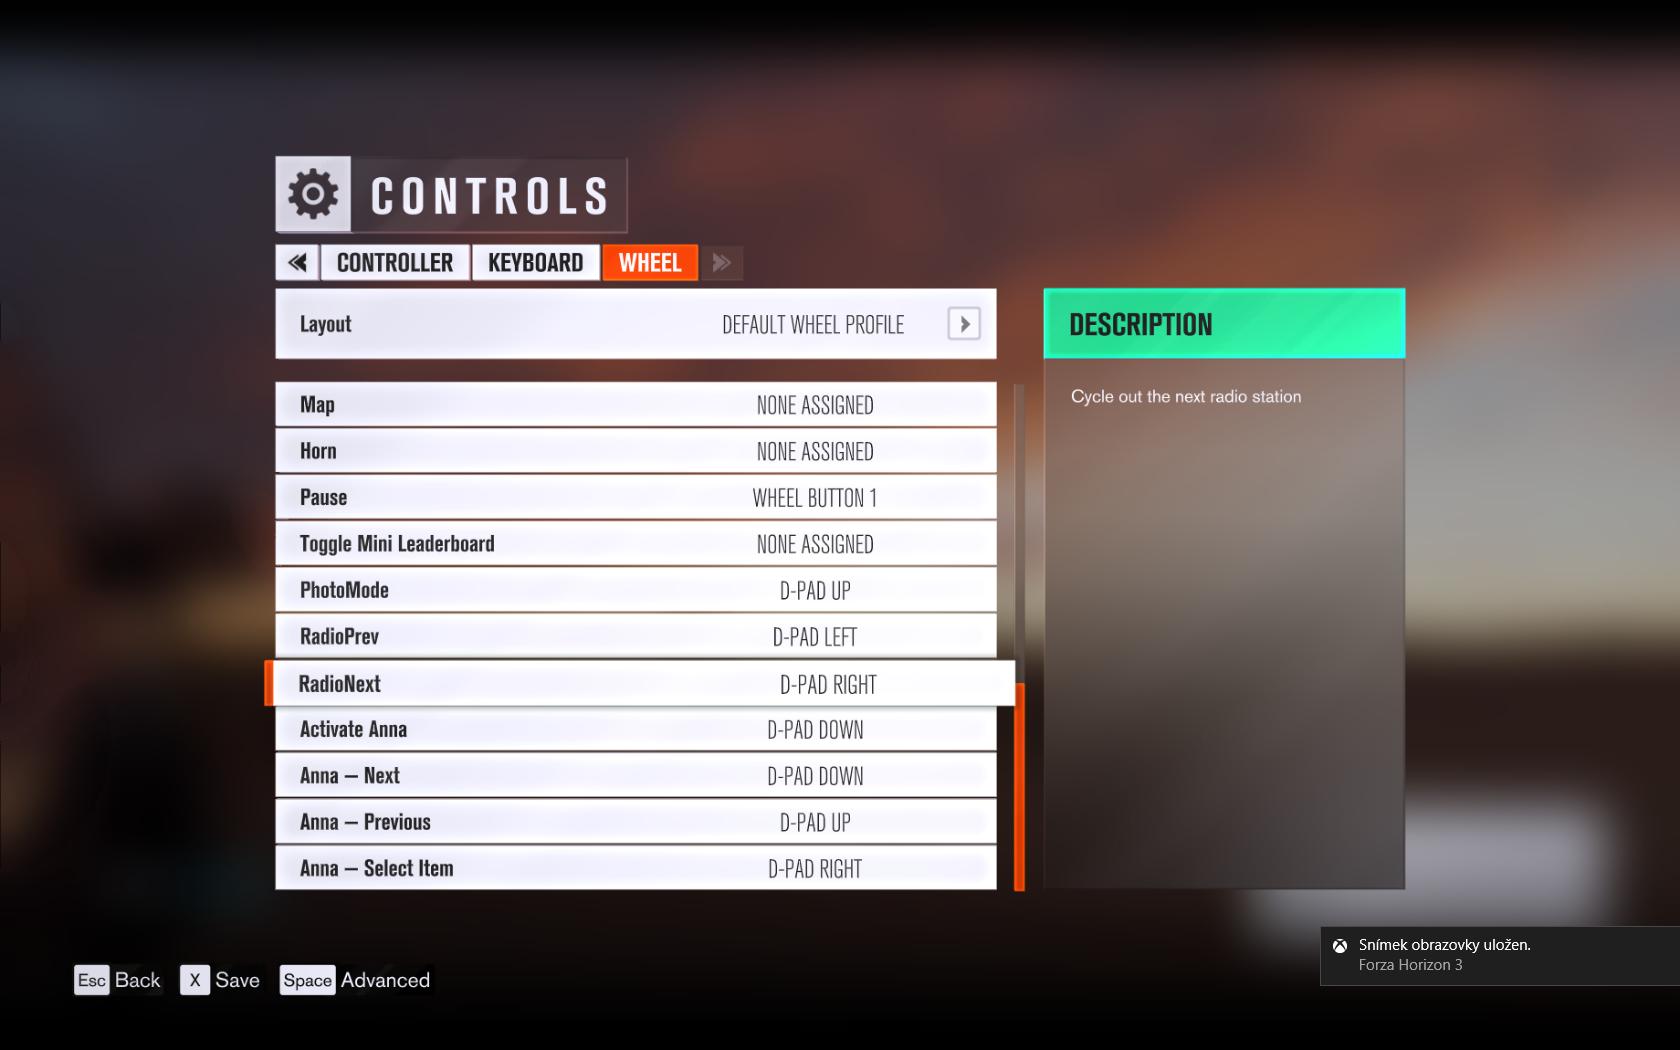 Jak funguje festival rychlosti z Forza Horizon 3 na počítačích? 131208